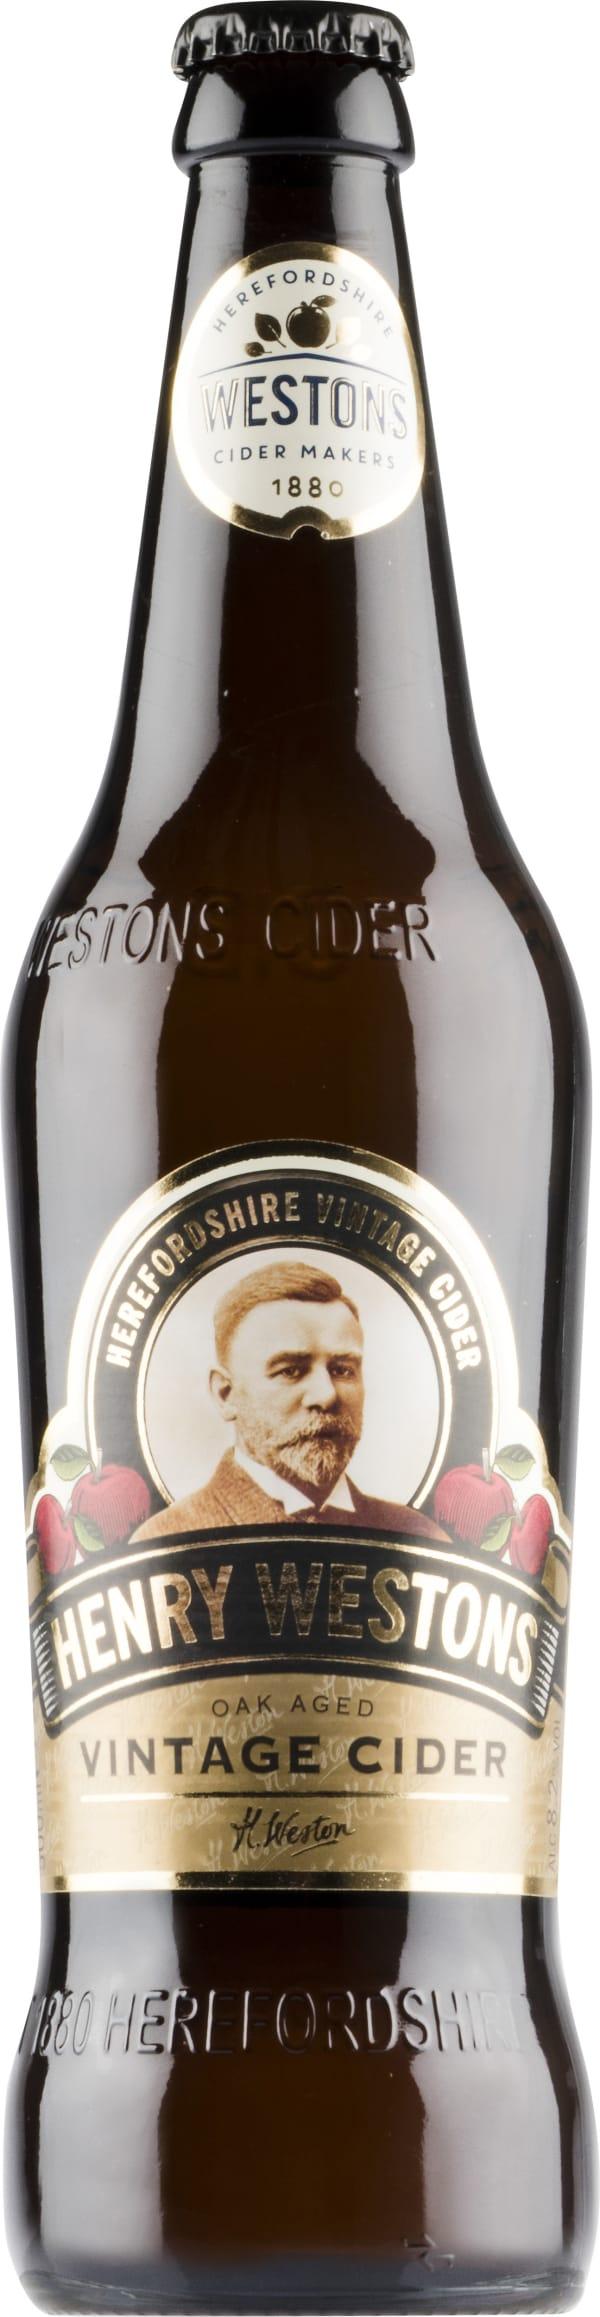 Henry Westons Vintage Cider 2016